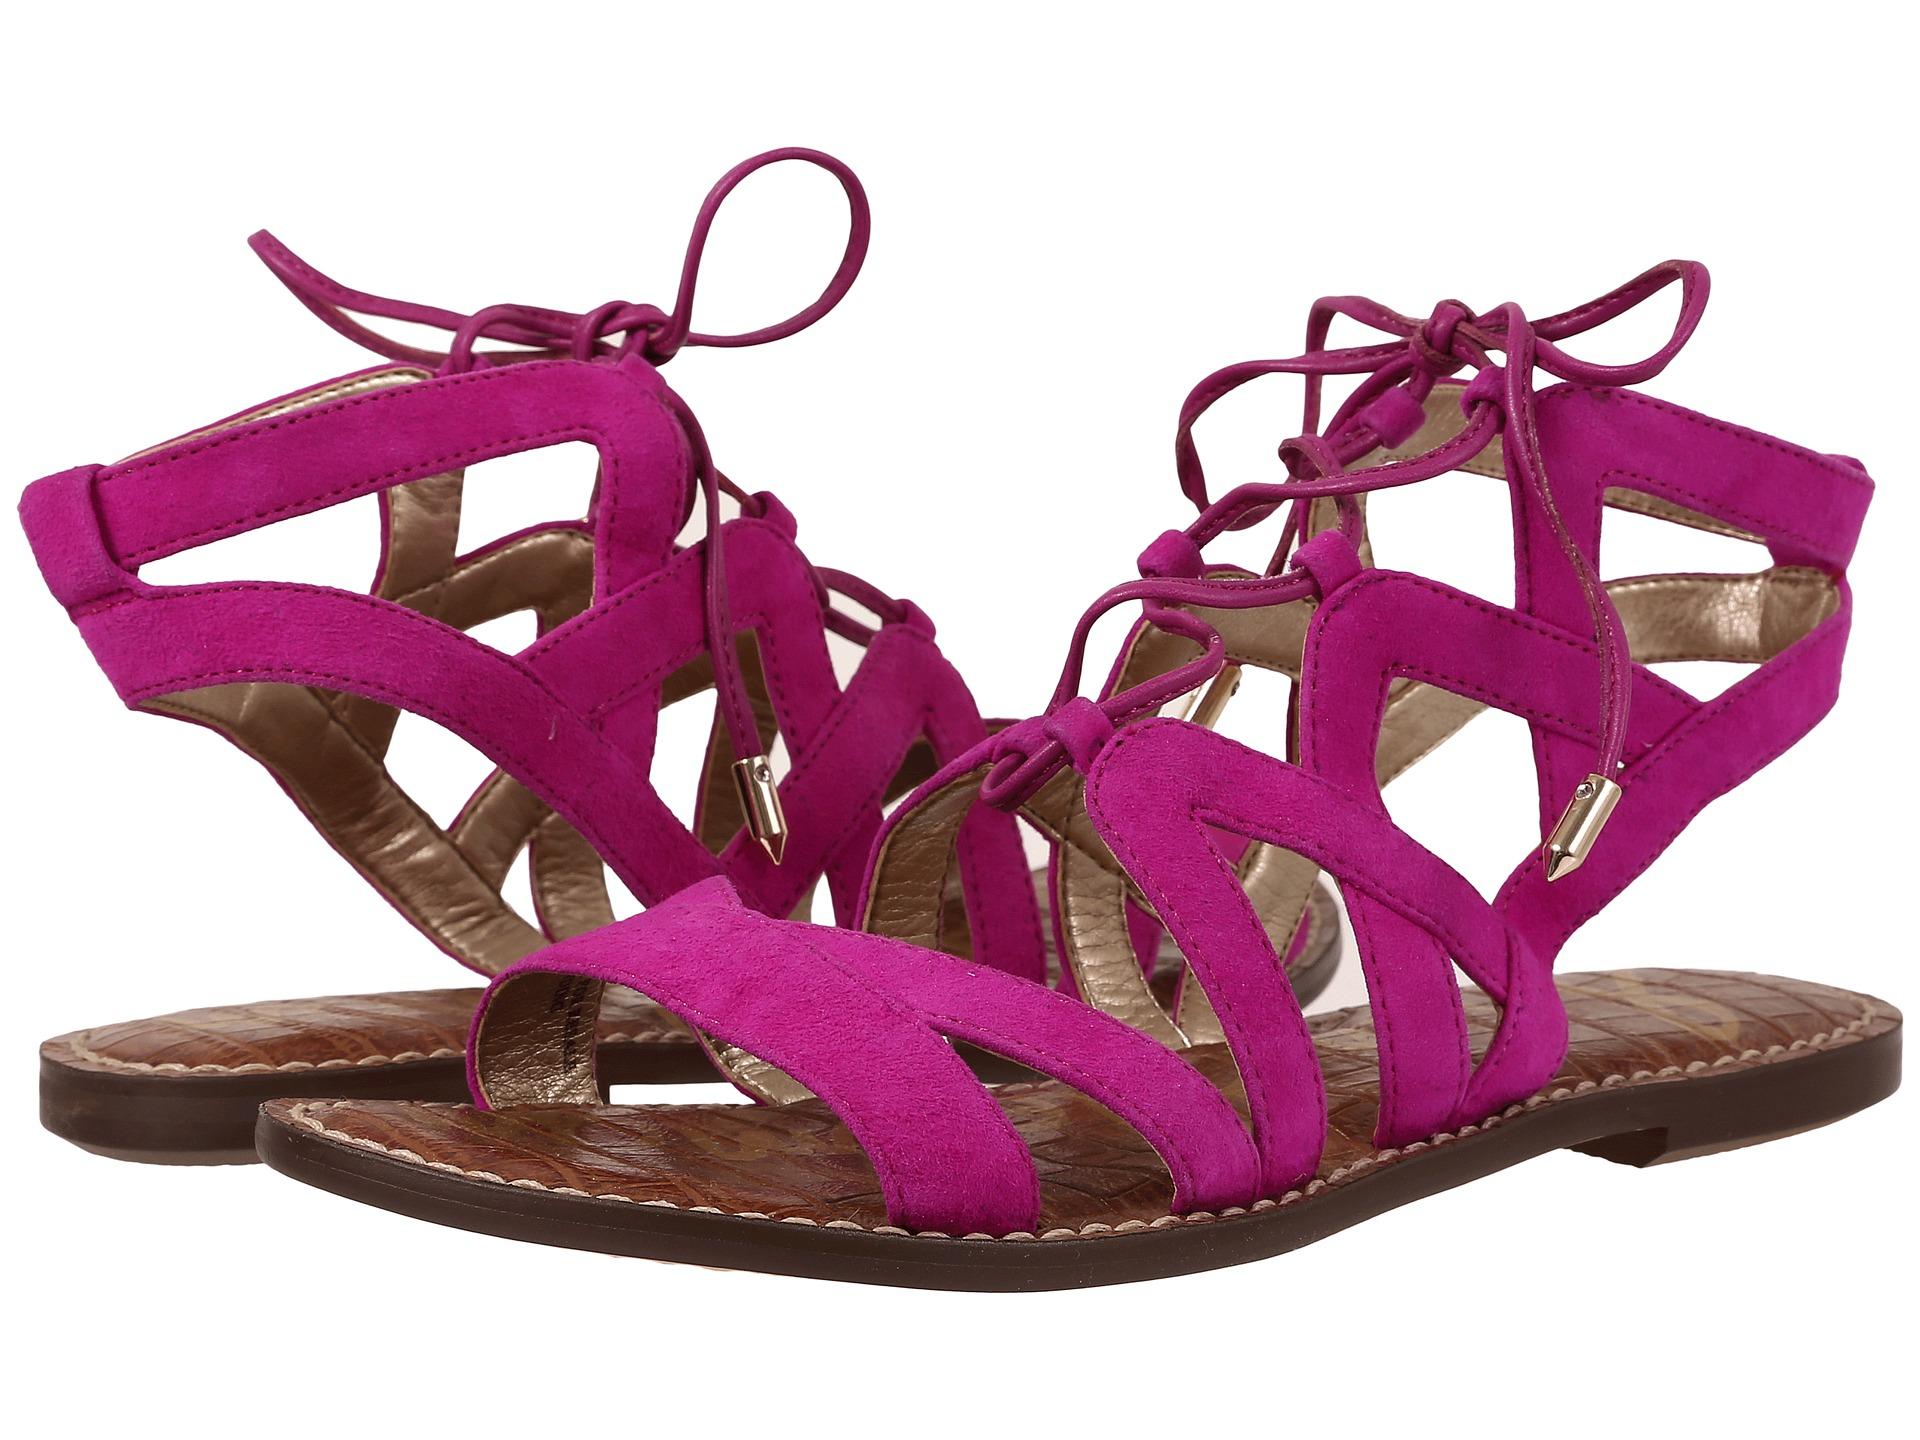 43a844dd1f0 Lyst - Sam Edelman  gemma  Sandals in Purple